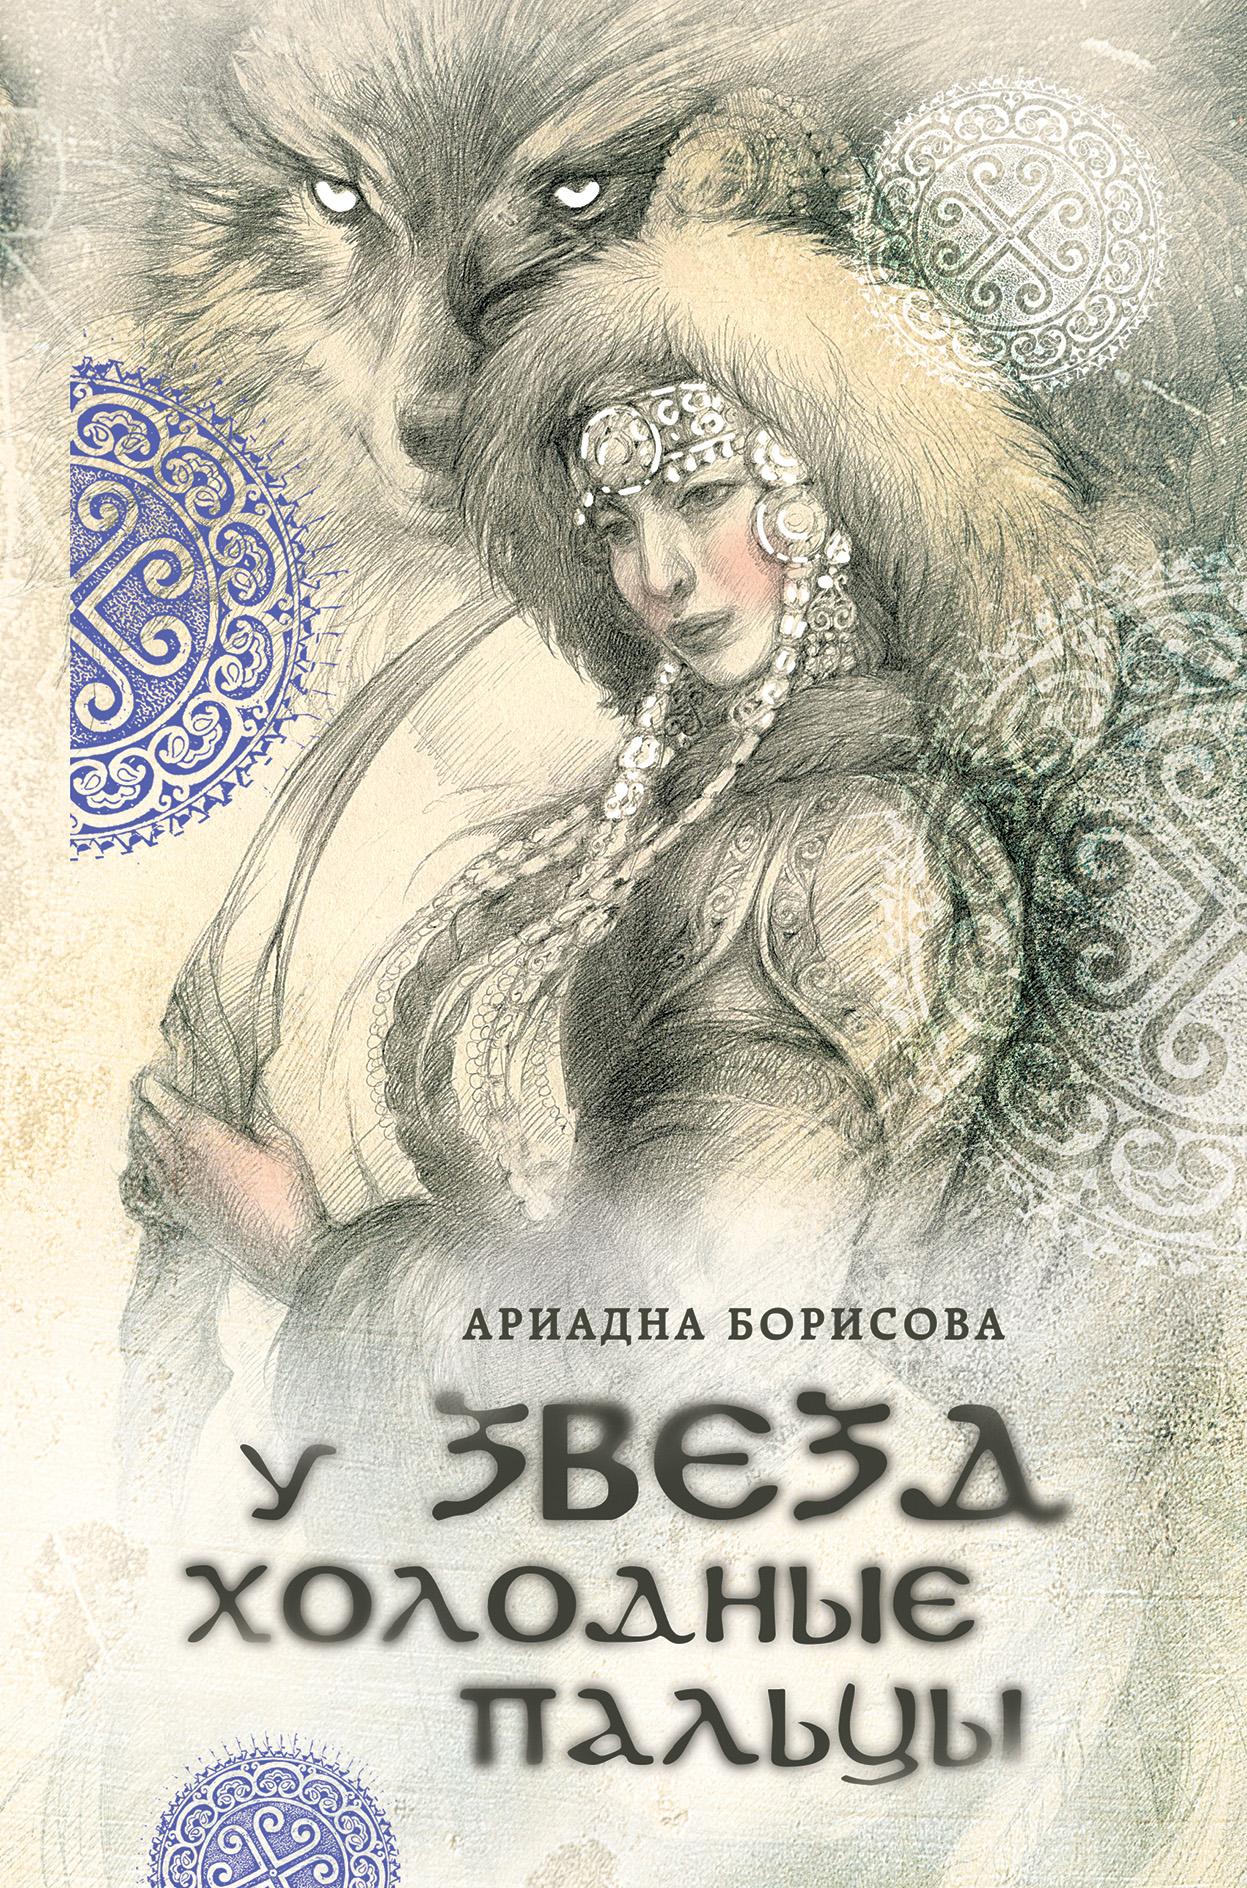 Ариадна Борисова У звезд холодные пальцы у звезд холодные пальцы